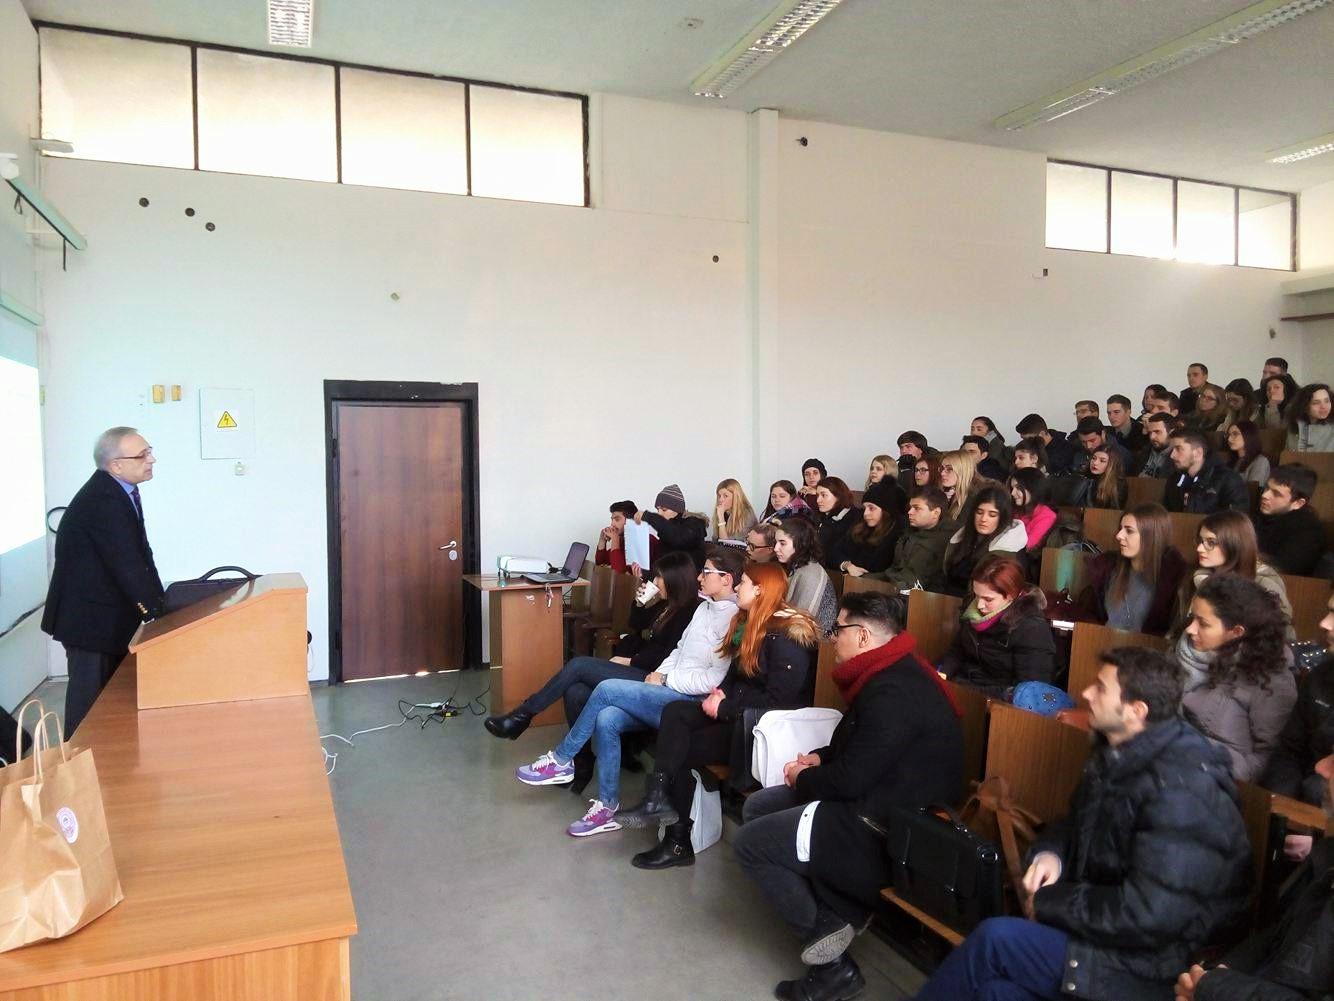 H Ellinair στο Αριστοτέλειο Πανεπιστήμιο Θεσσαλονίκης!